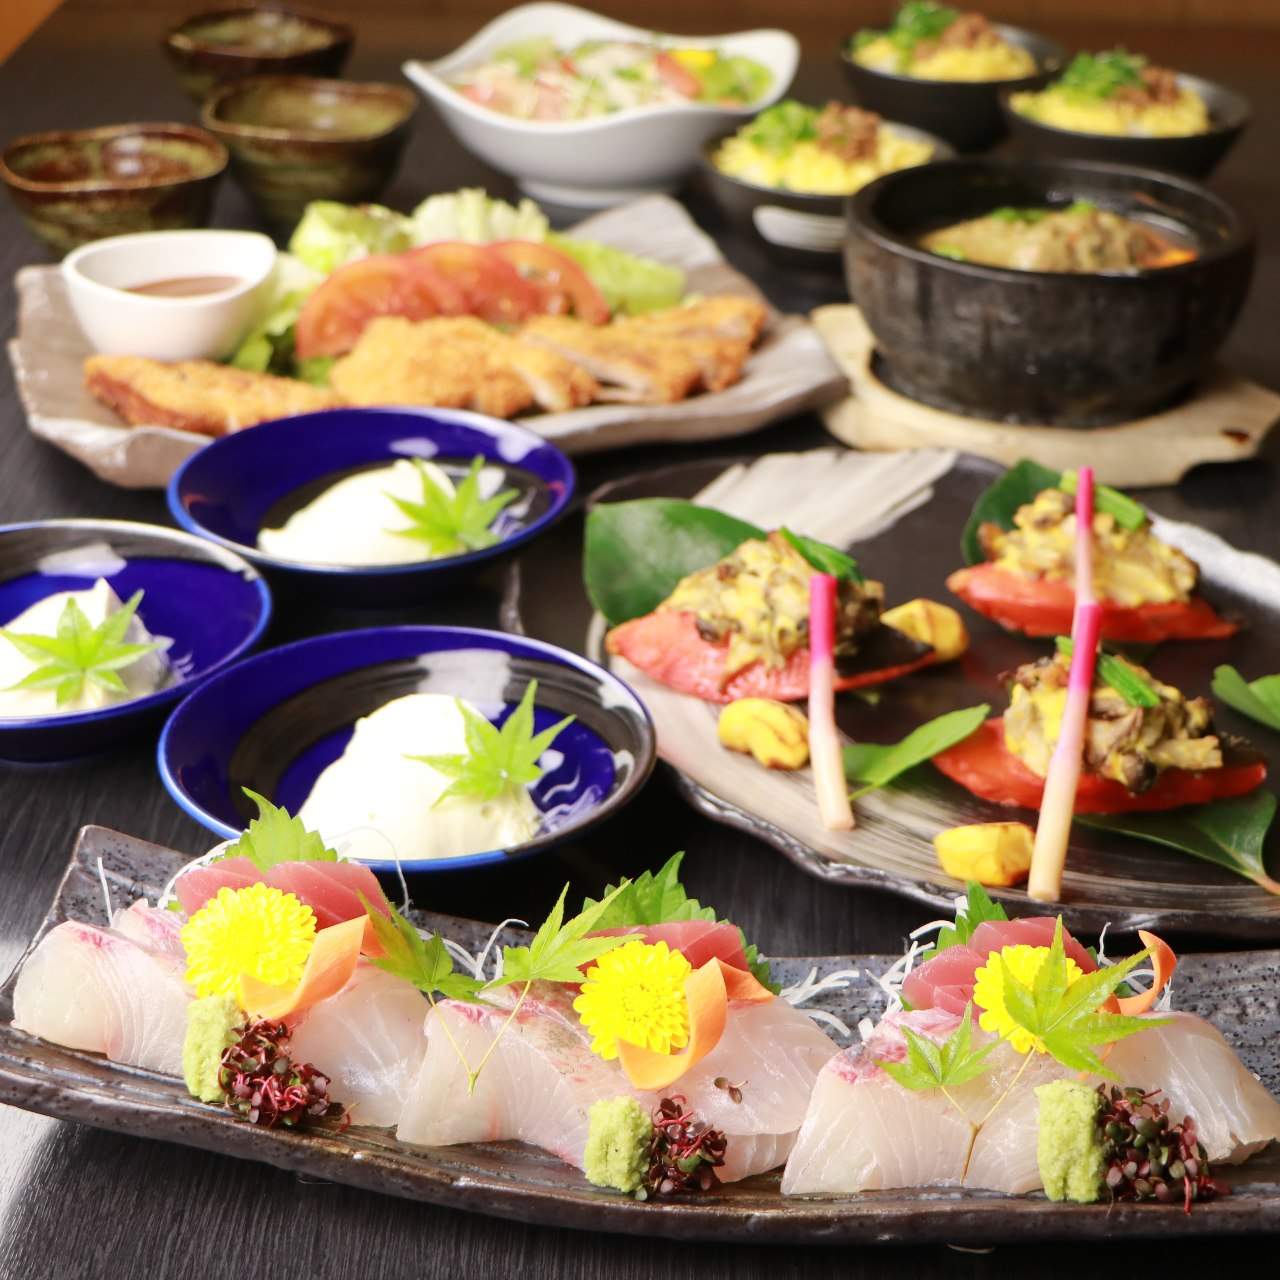 【大皿個々盛◆華コース】牛バラ焼き肉×鮮魚盛りなど≪全8品≫2h飲み放題◆5000円